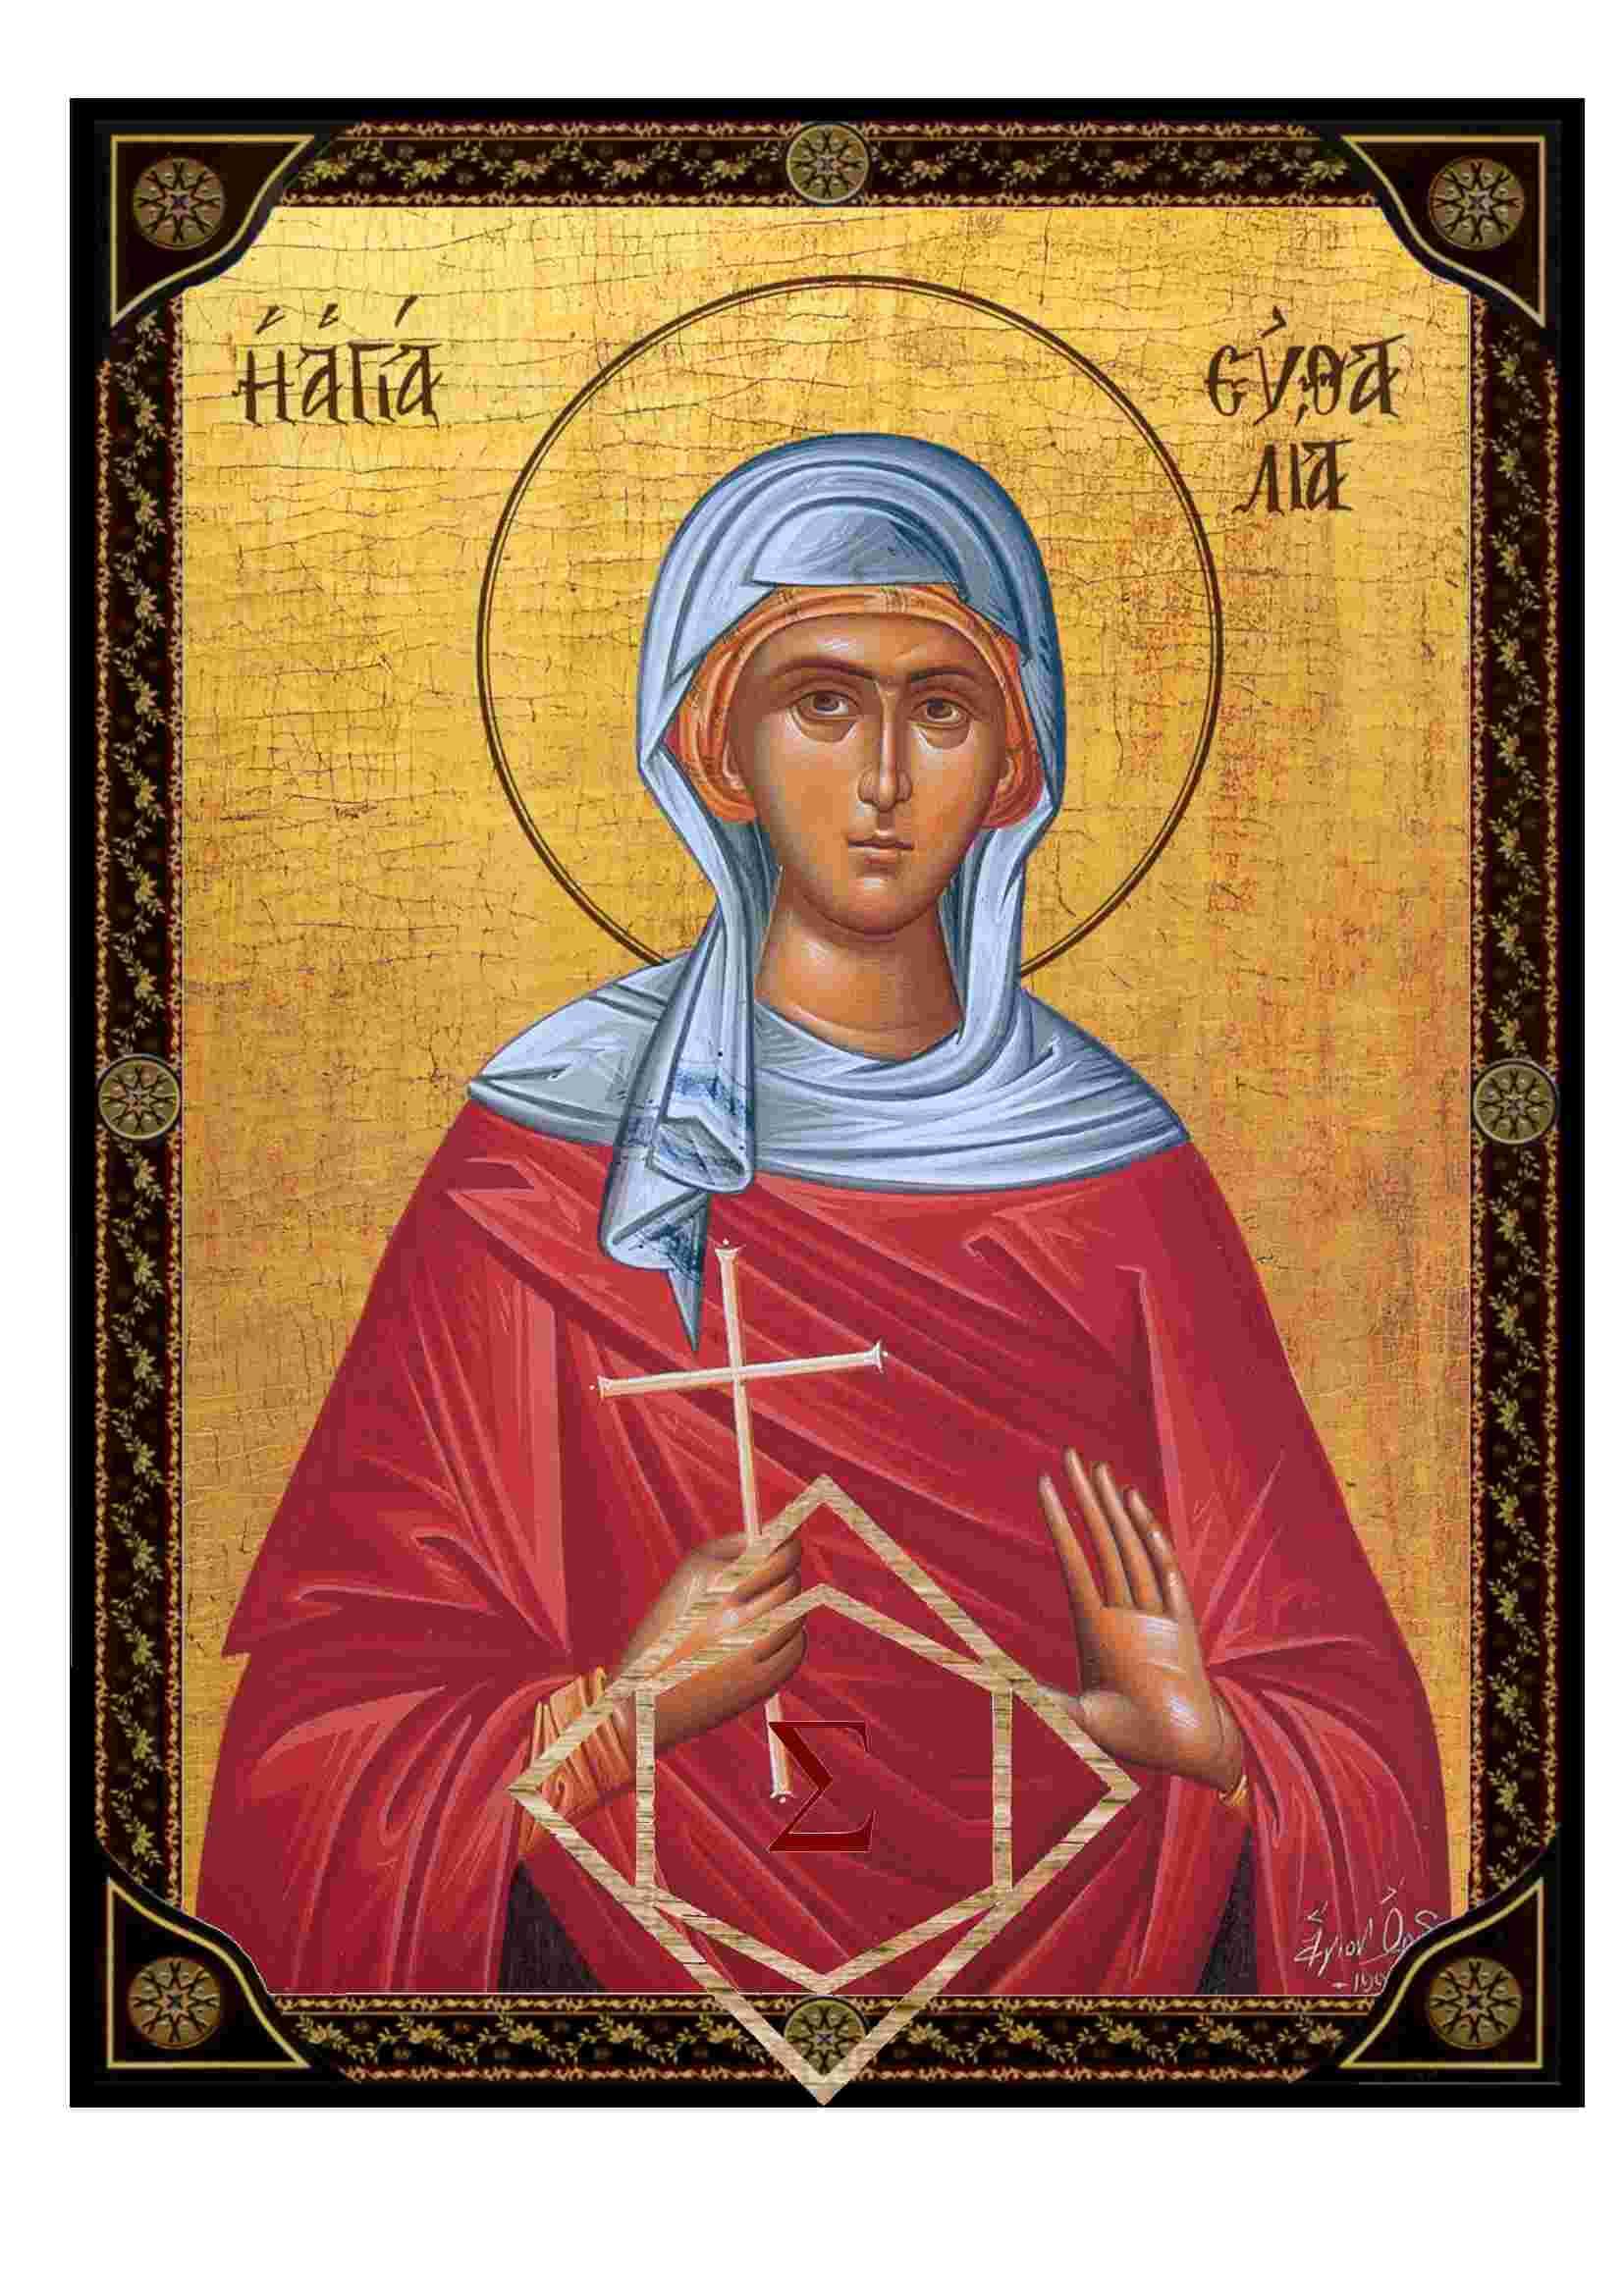 Αγία Ευθαλία η Παρθενομάρτυς κι ο αποκεφαλισμός της από τον αδελφό της